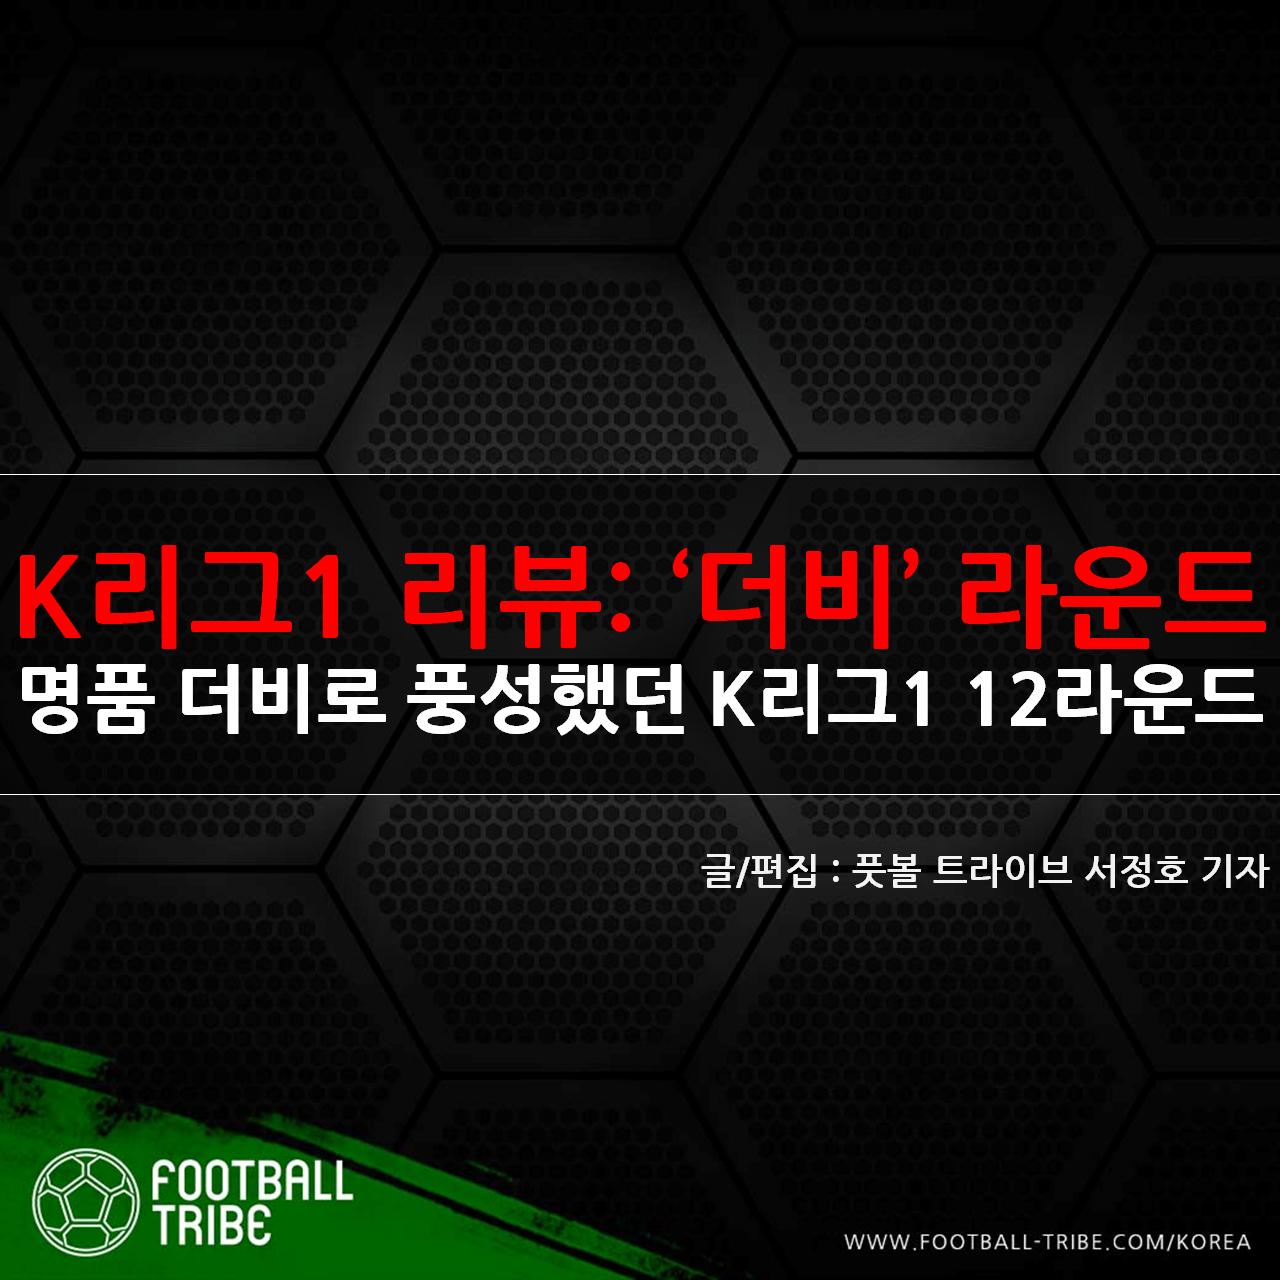 [K리그1 12라운드 리뷰] '더비' 라운드명품 더비로 풍성했던 K리그1 12라운드